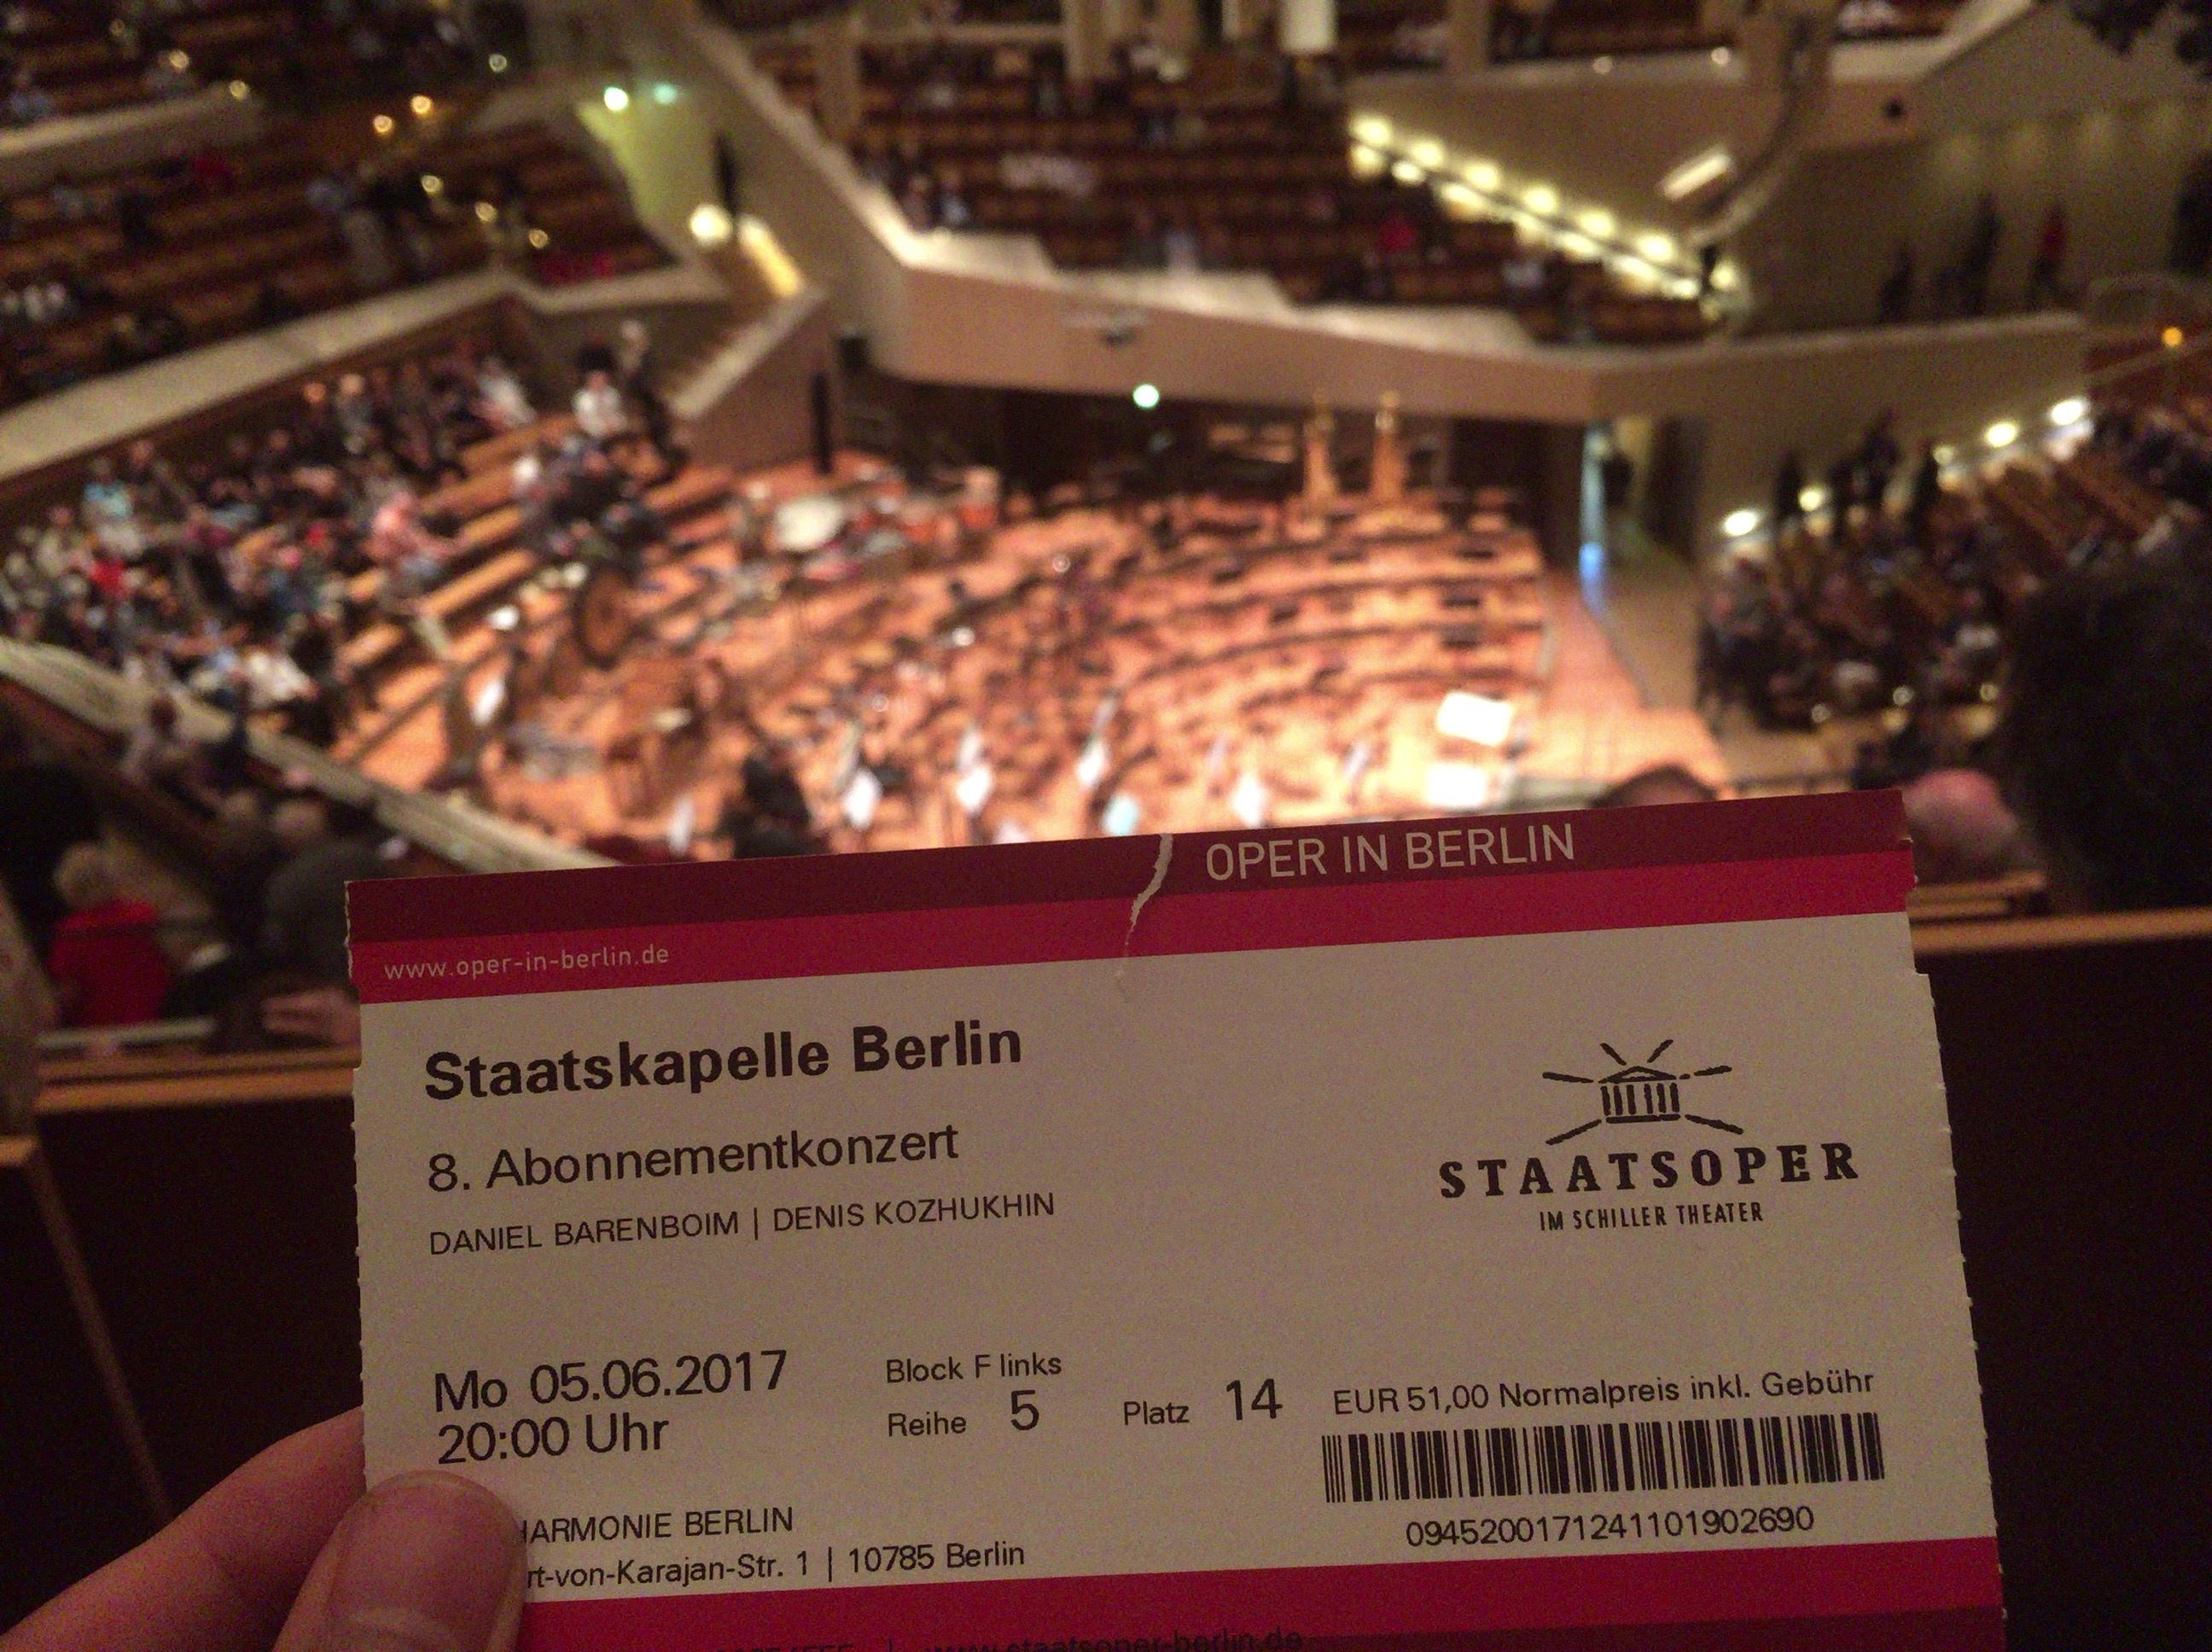 ベルリン歌劇場管弦楽団の公演をBerlin Philharmonieの会場で観てきました。